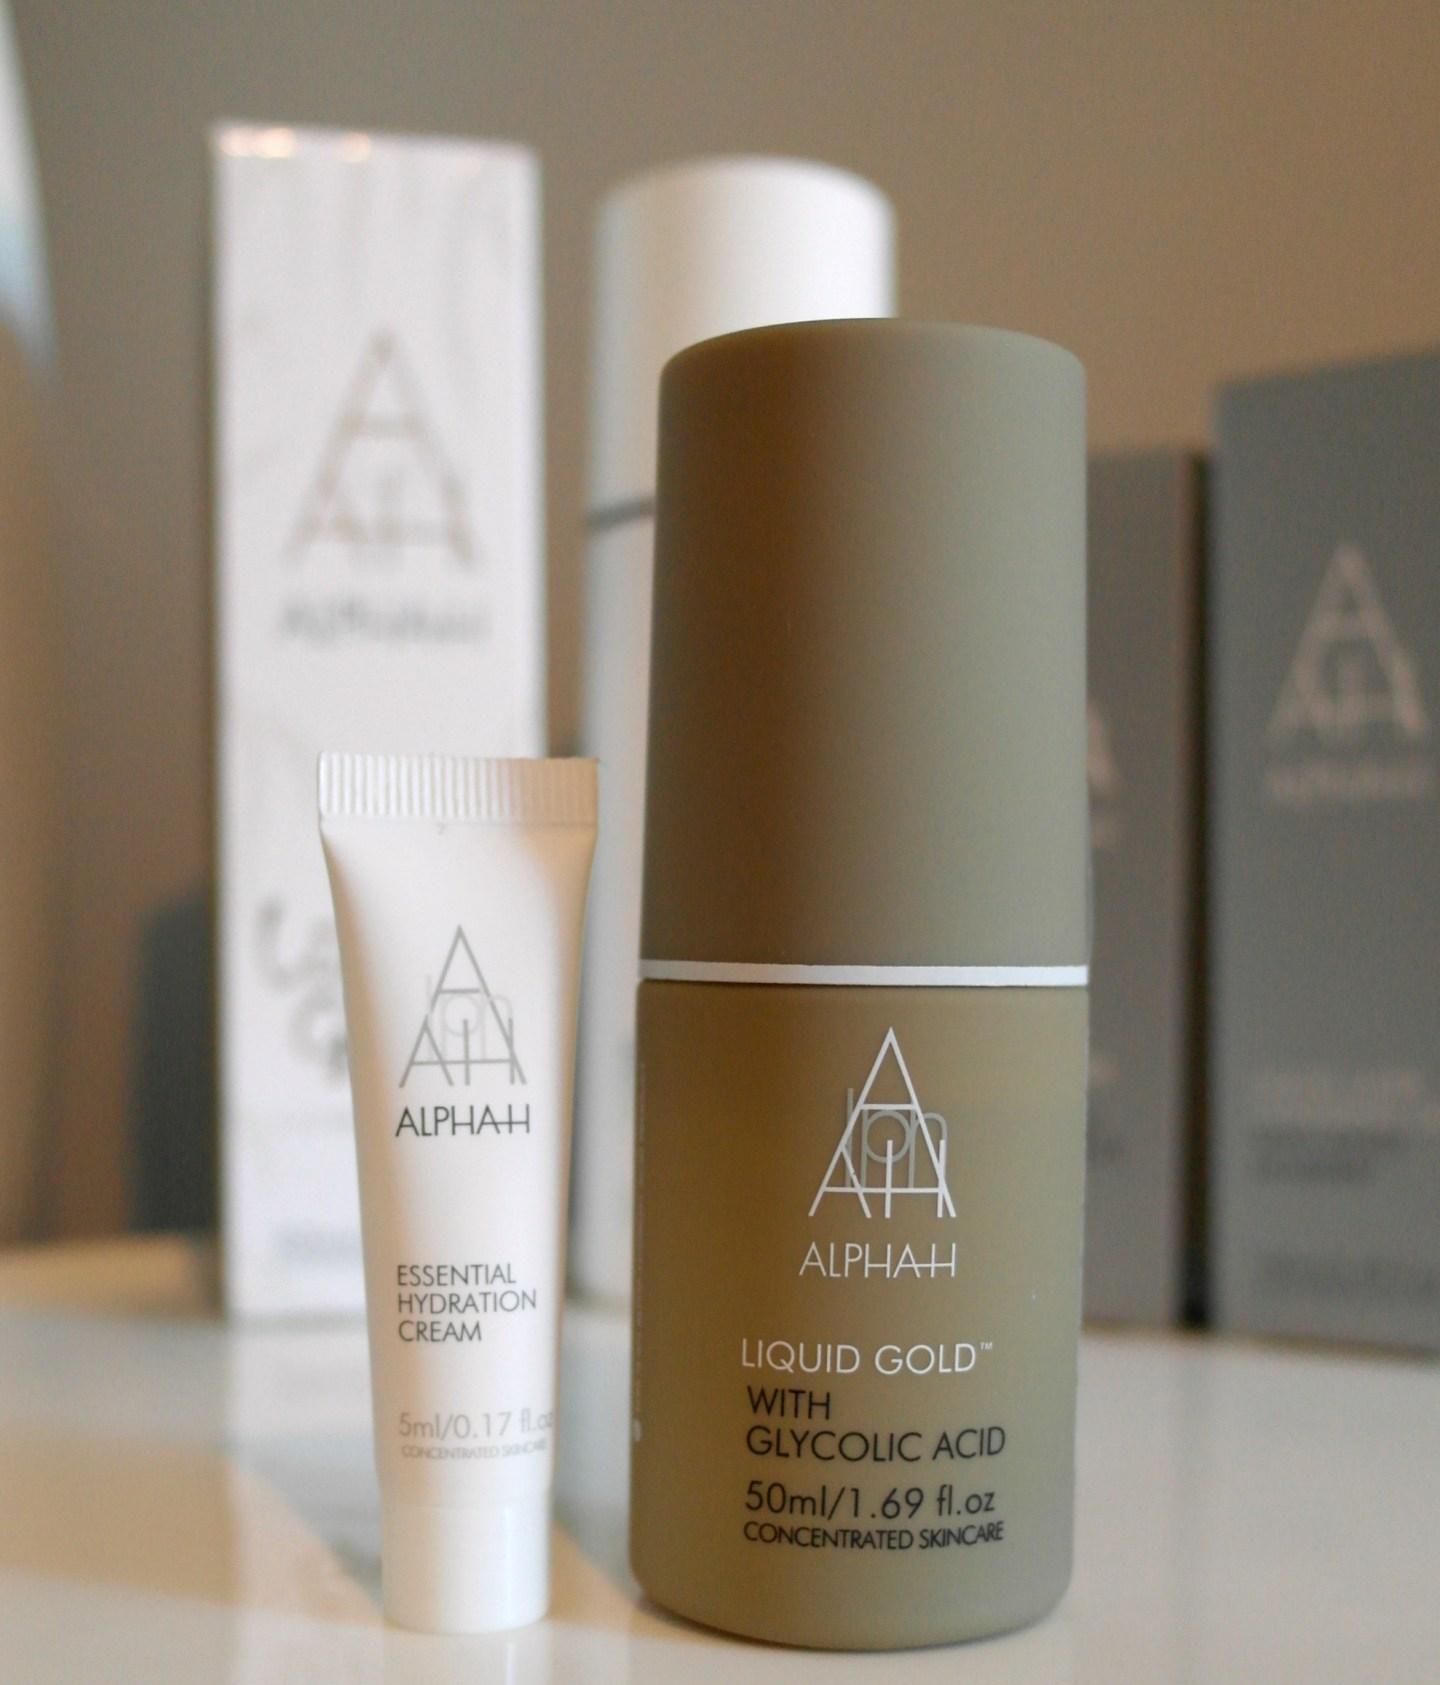 Alpha H Freebies - Essential Hydration Cream & 50ml Liquid Gold